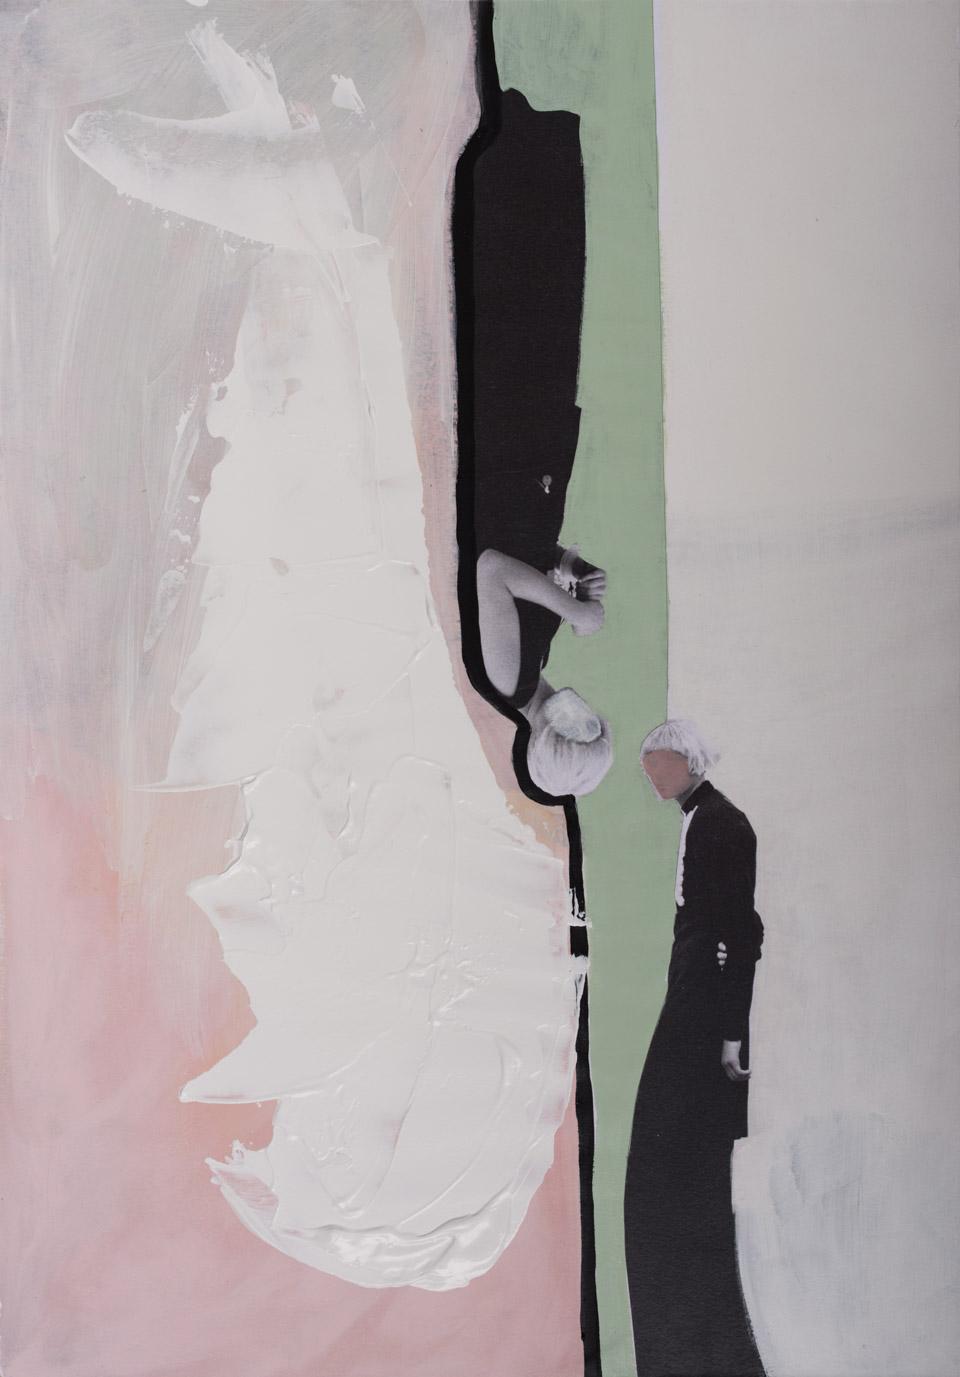 painted_woman5.jpg